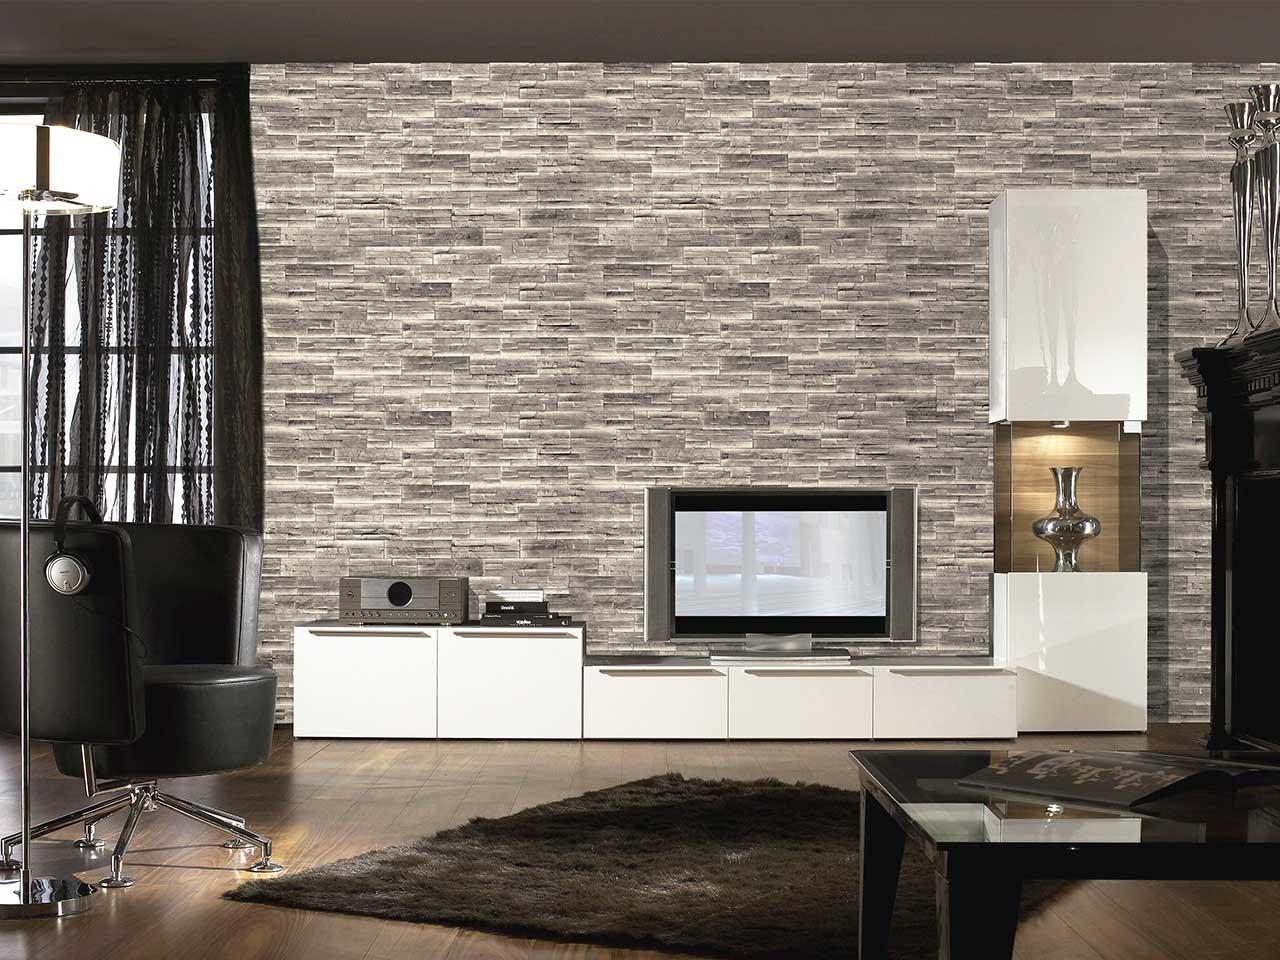 Piastrelle Da Parete Per Cucina: Cucina wall sticker decal ...